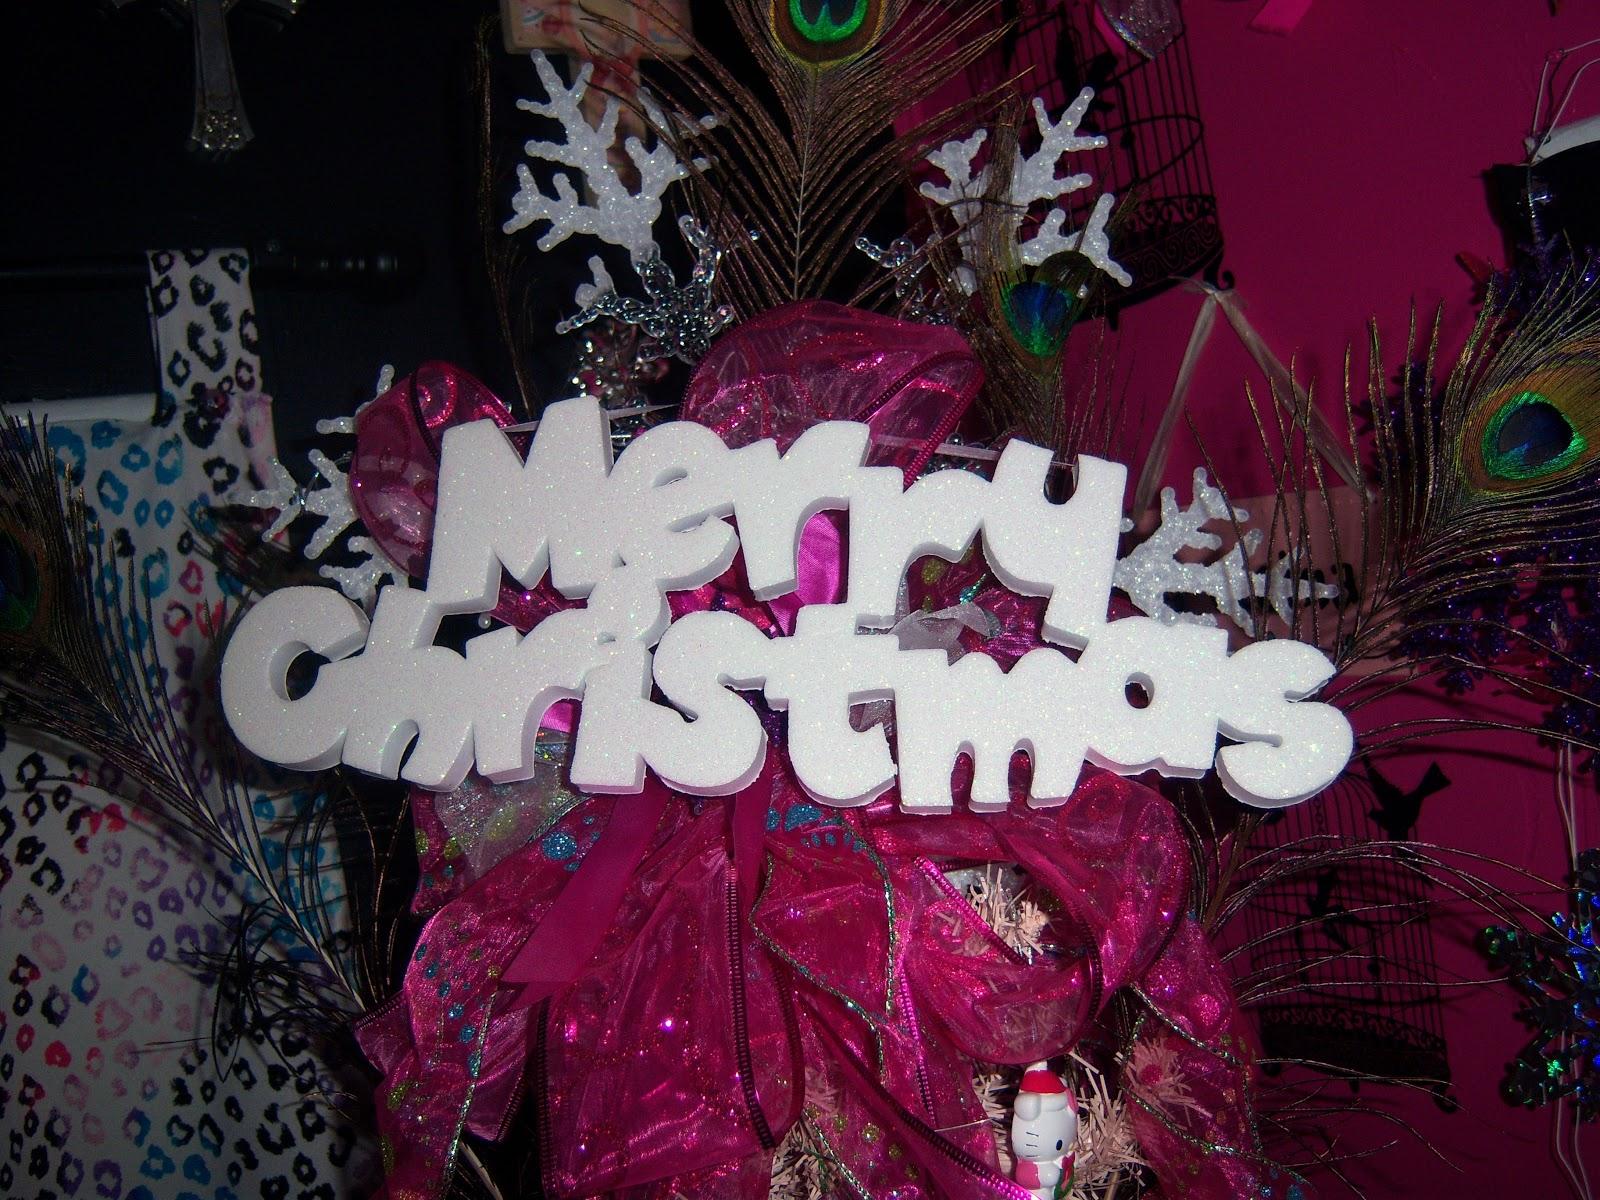 pinky merry christmas